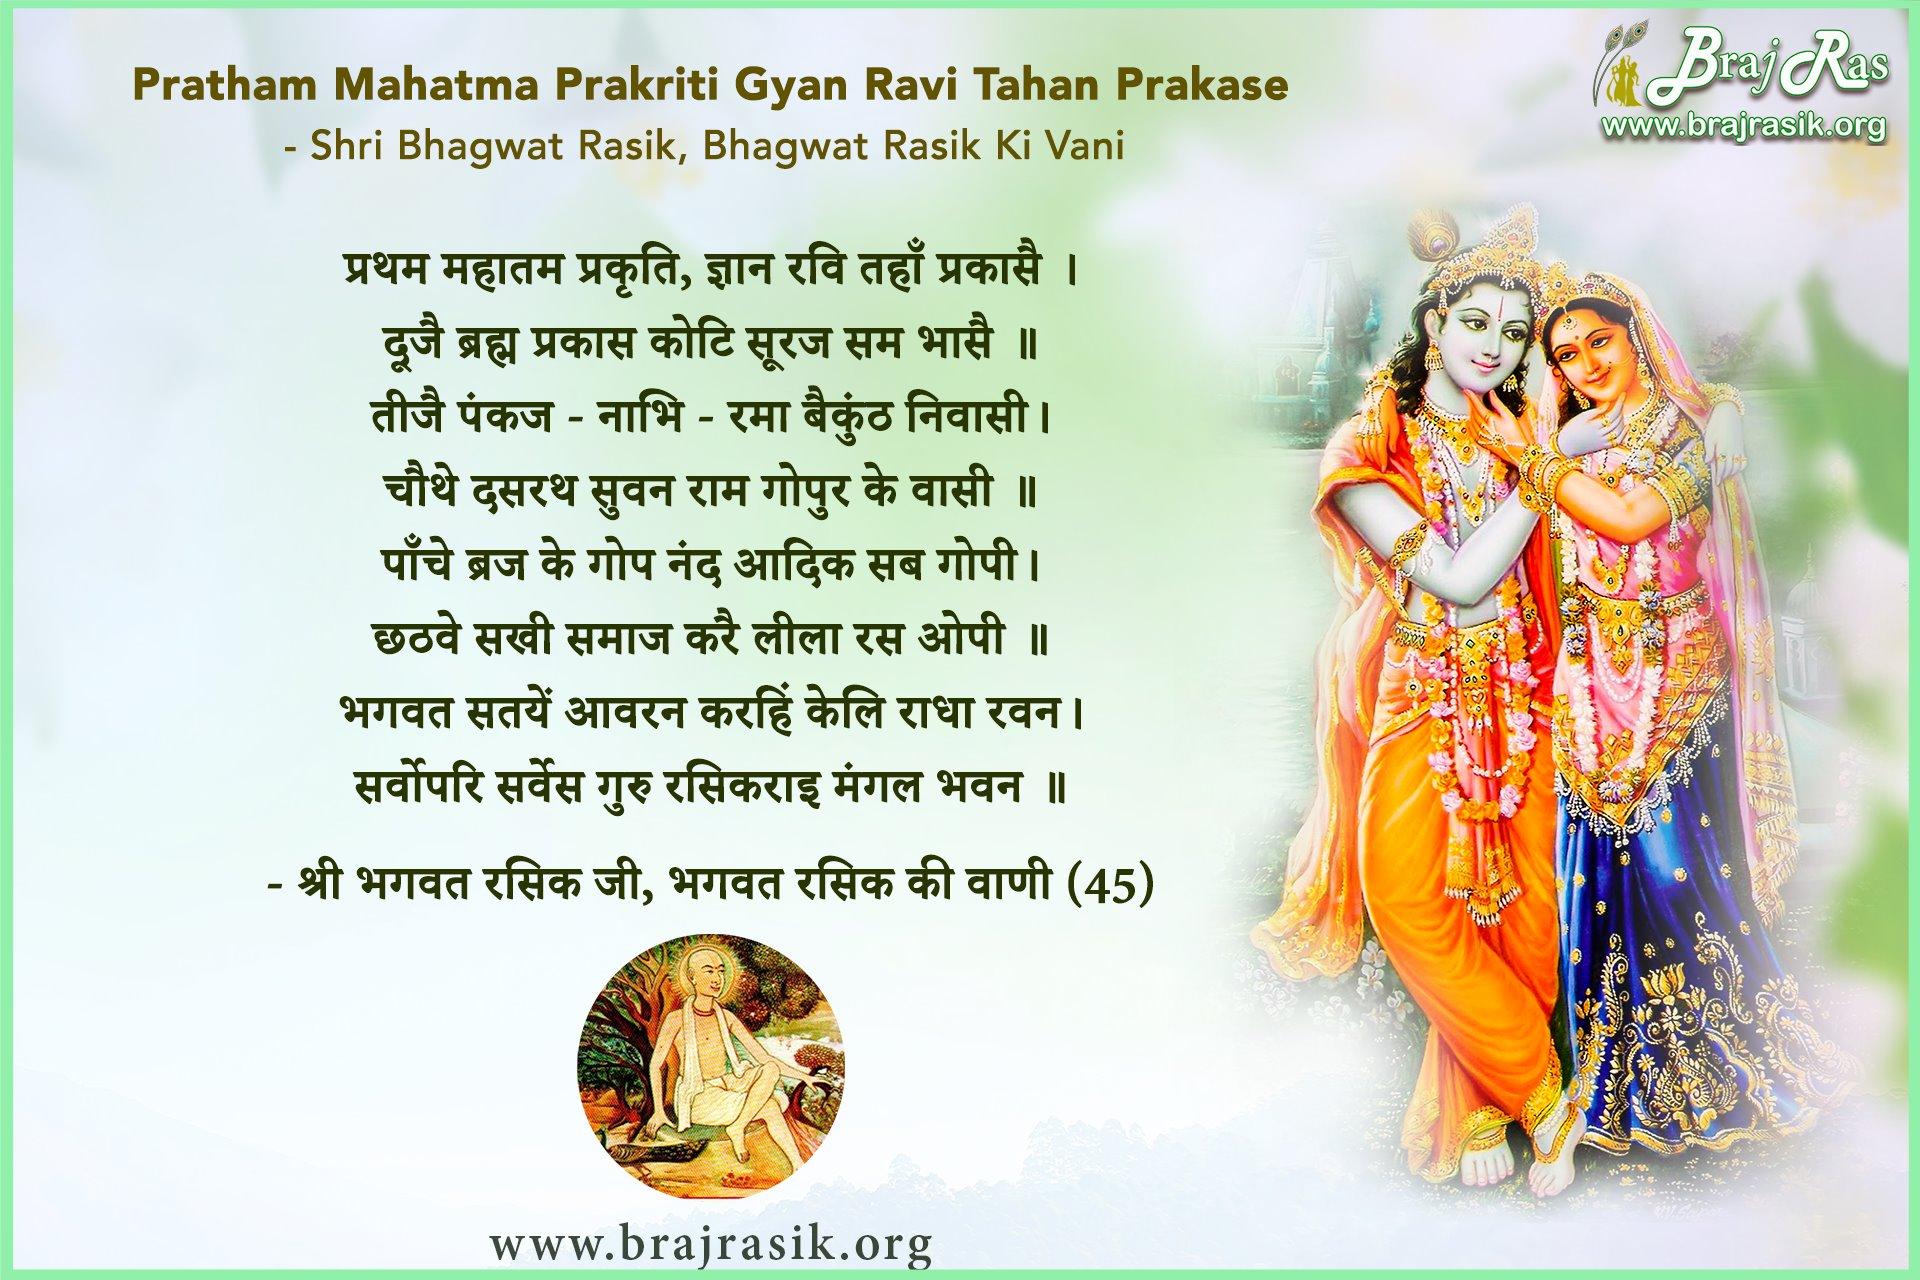 Pratham mahatam prakriti gyan ravi tahan prakase - Shri Bhagwat Rasik, Bhagwat Rasik Ki Vani (45)